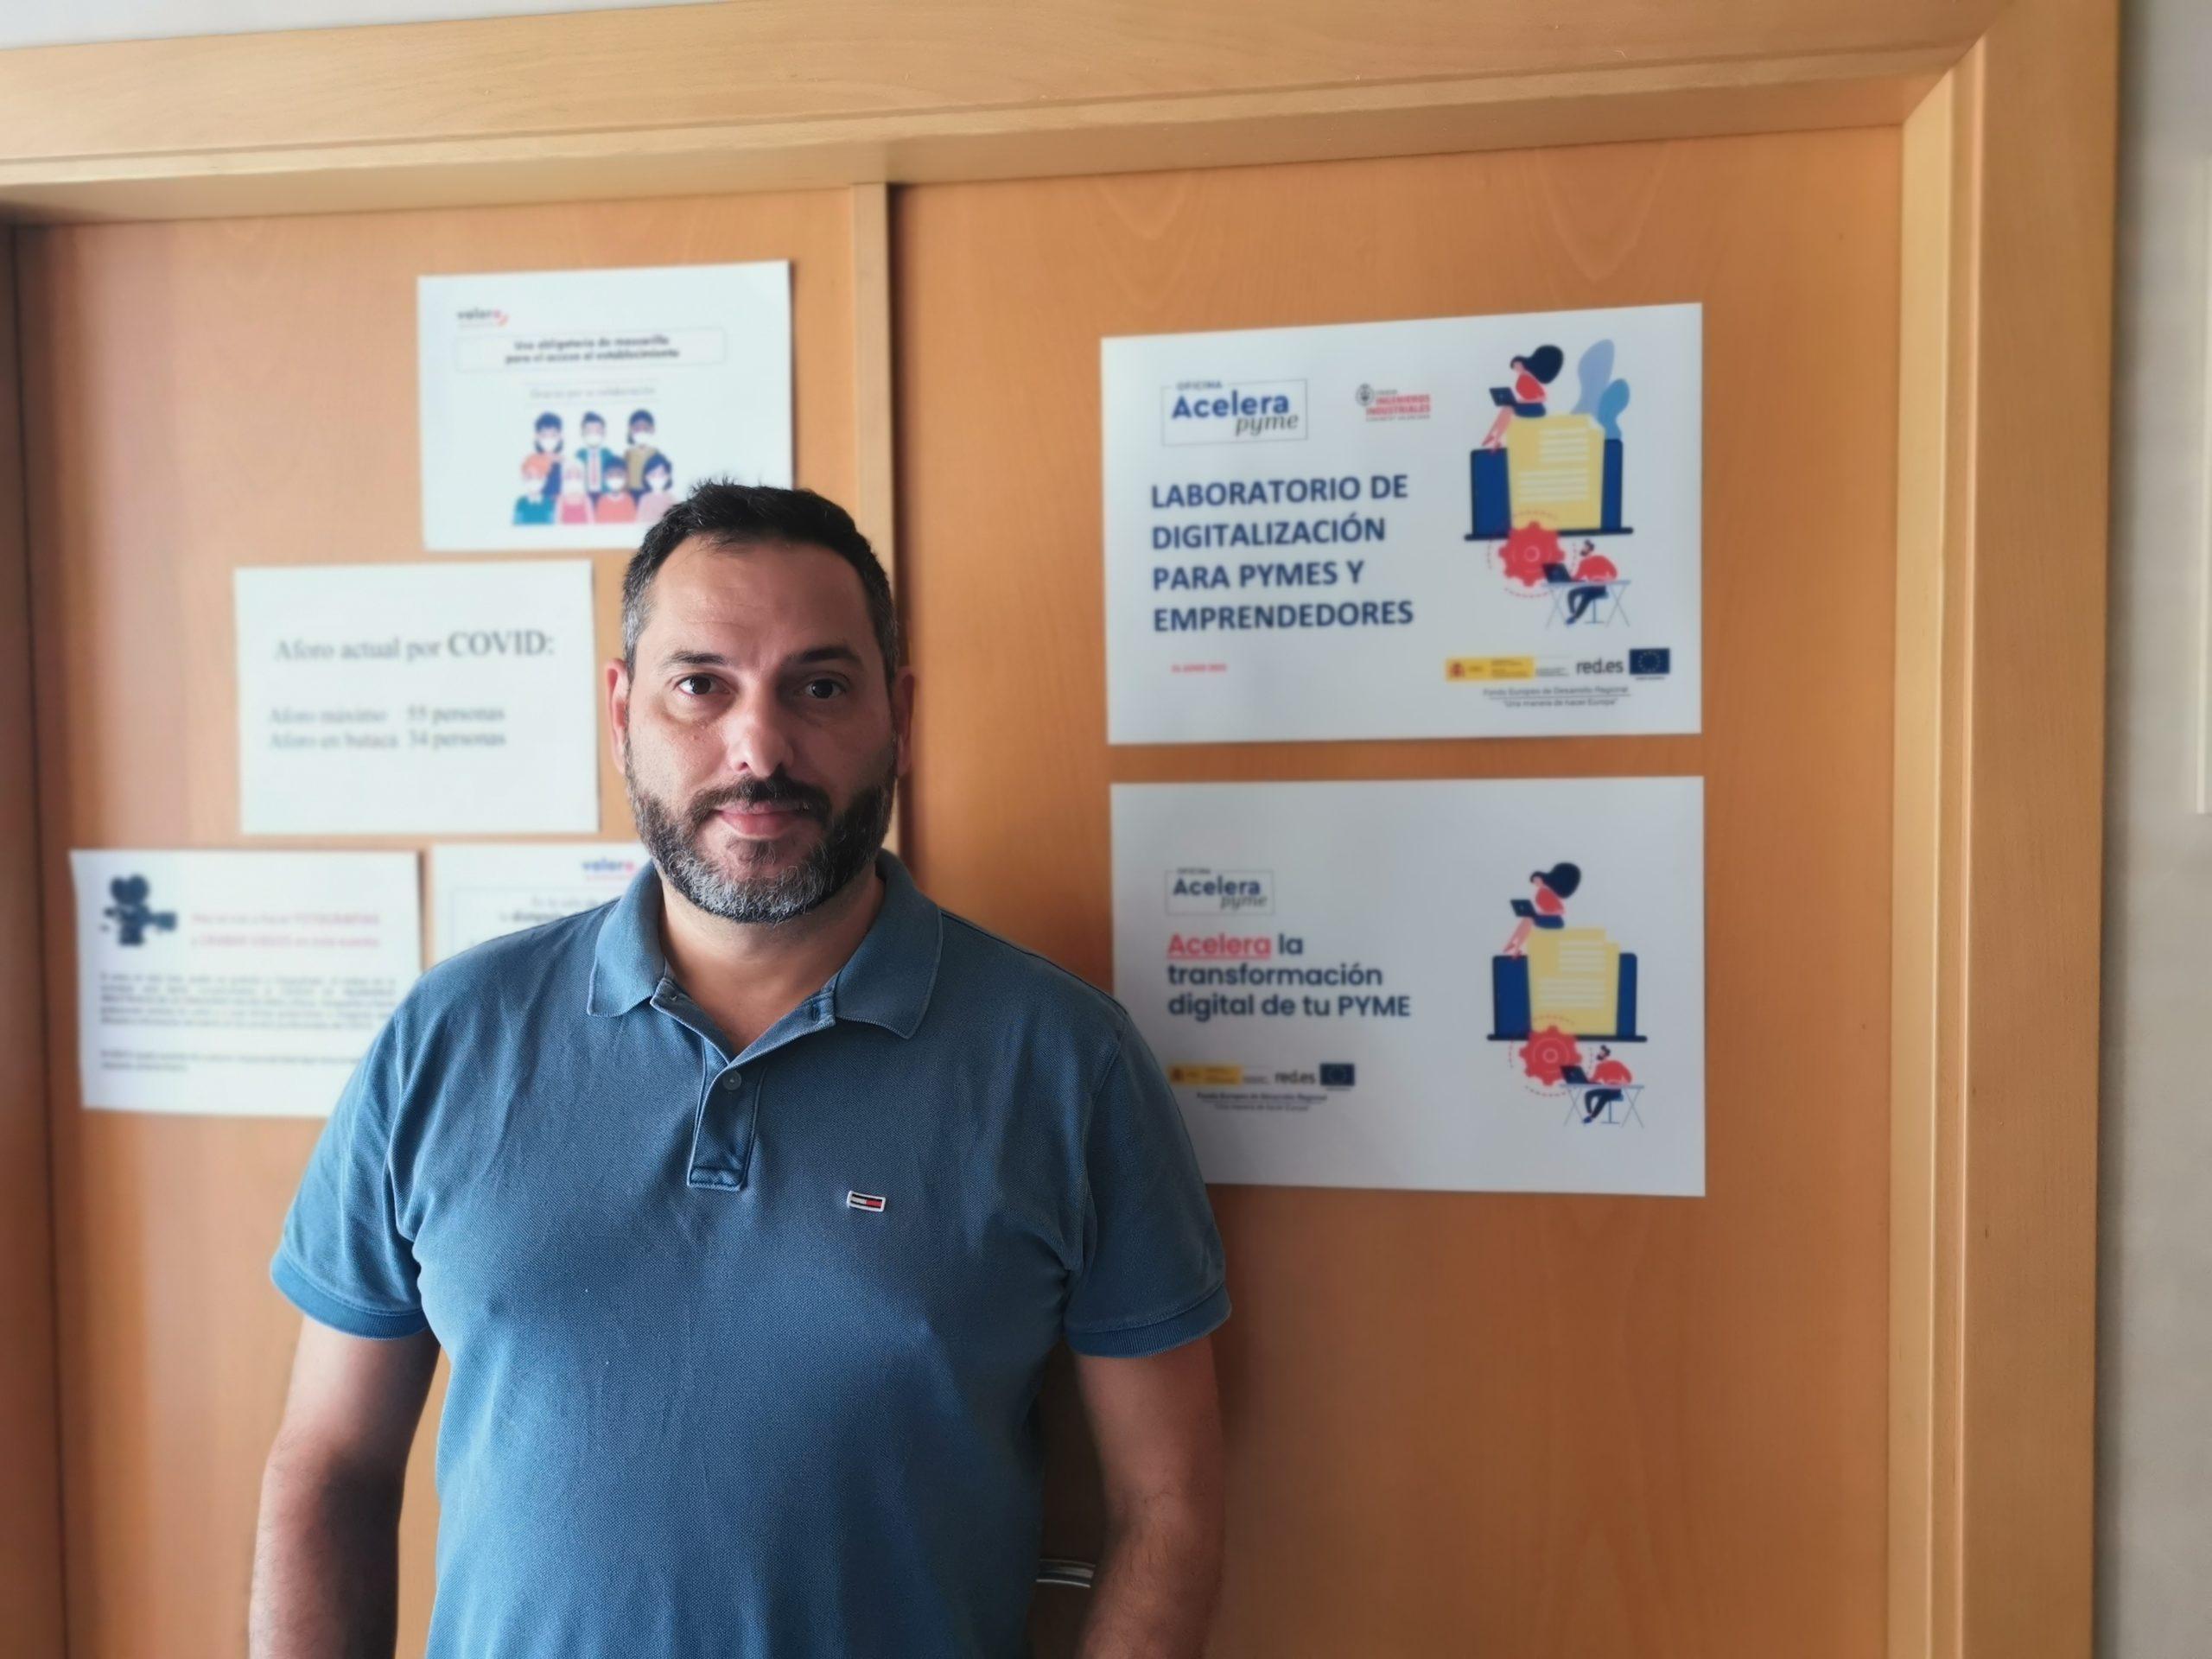 Pablo Rodríguez COIICV MESbook Laboratorio digital Cloud Computing